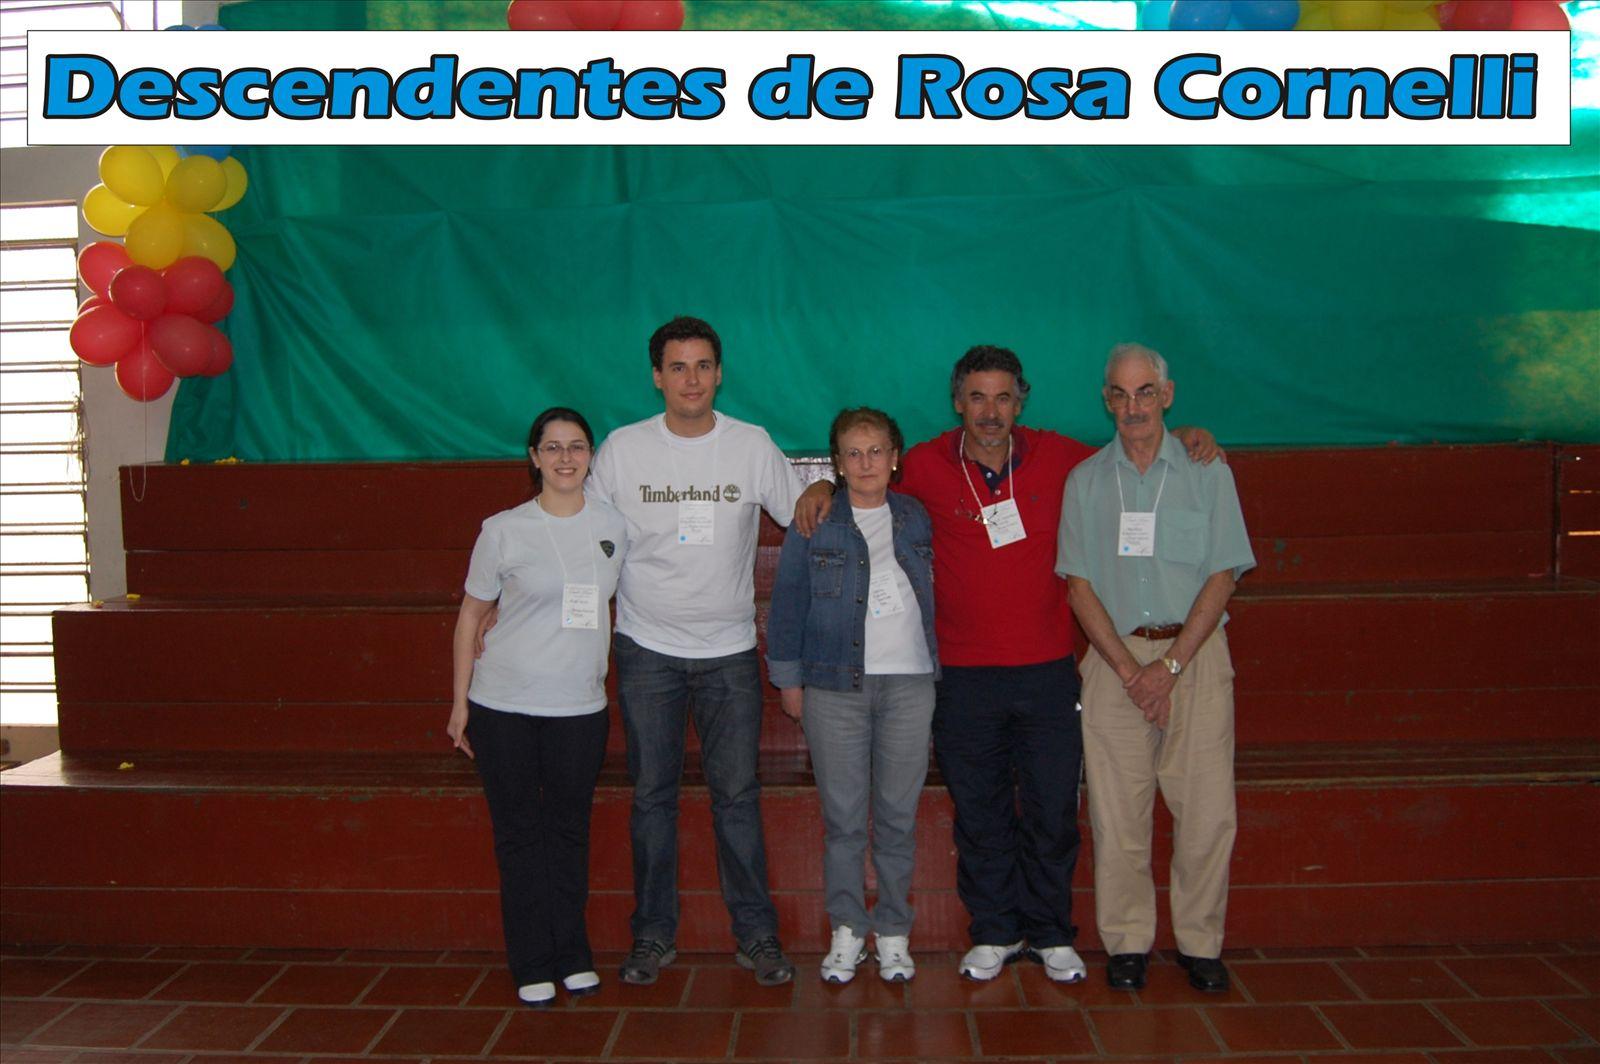 Descendentes de Rosa Cornelli 02_0